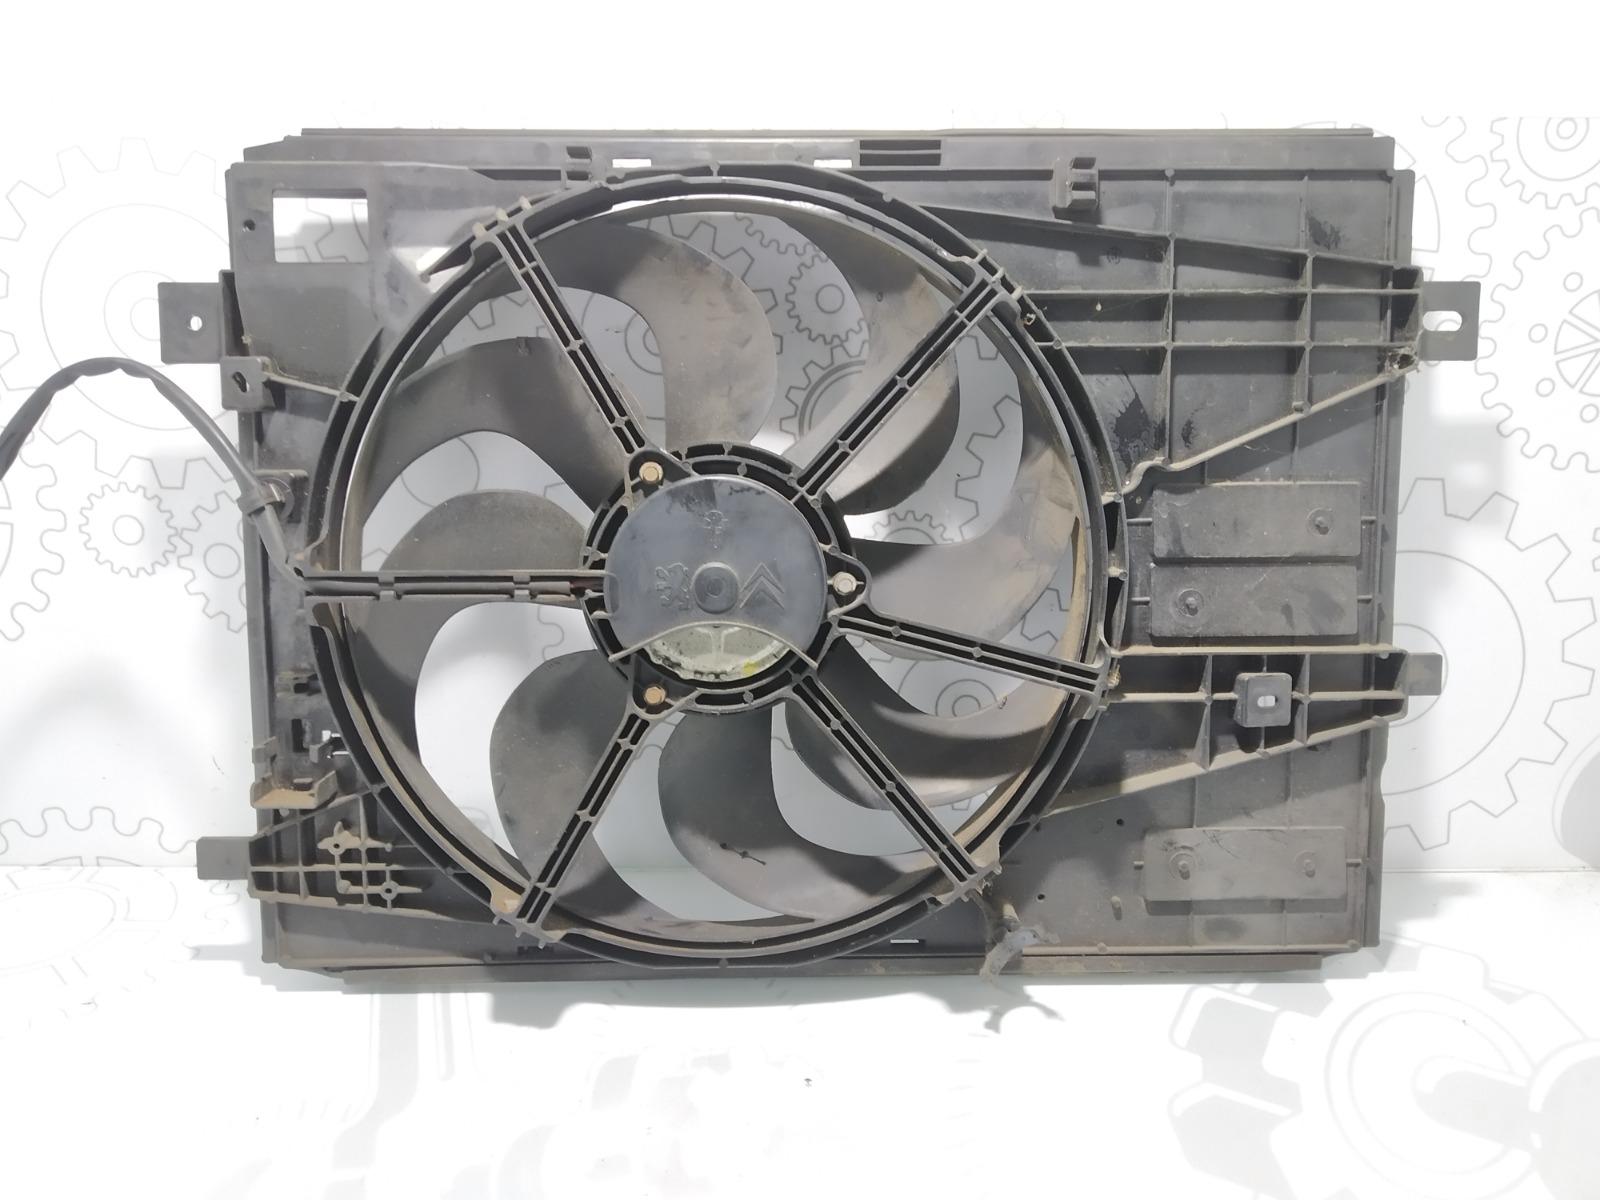 Вентилятор радиатора Citroen C4 Grand Picasso 1.6 HDI 2014 (б/у)